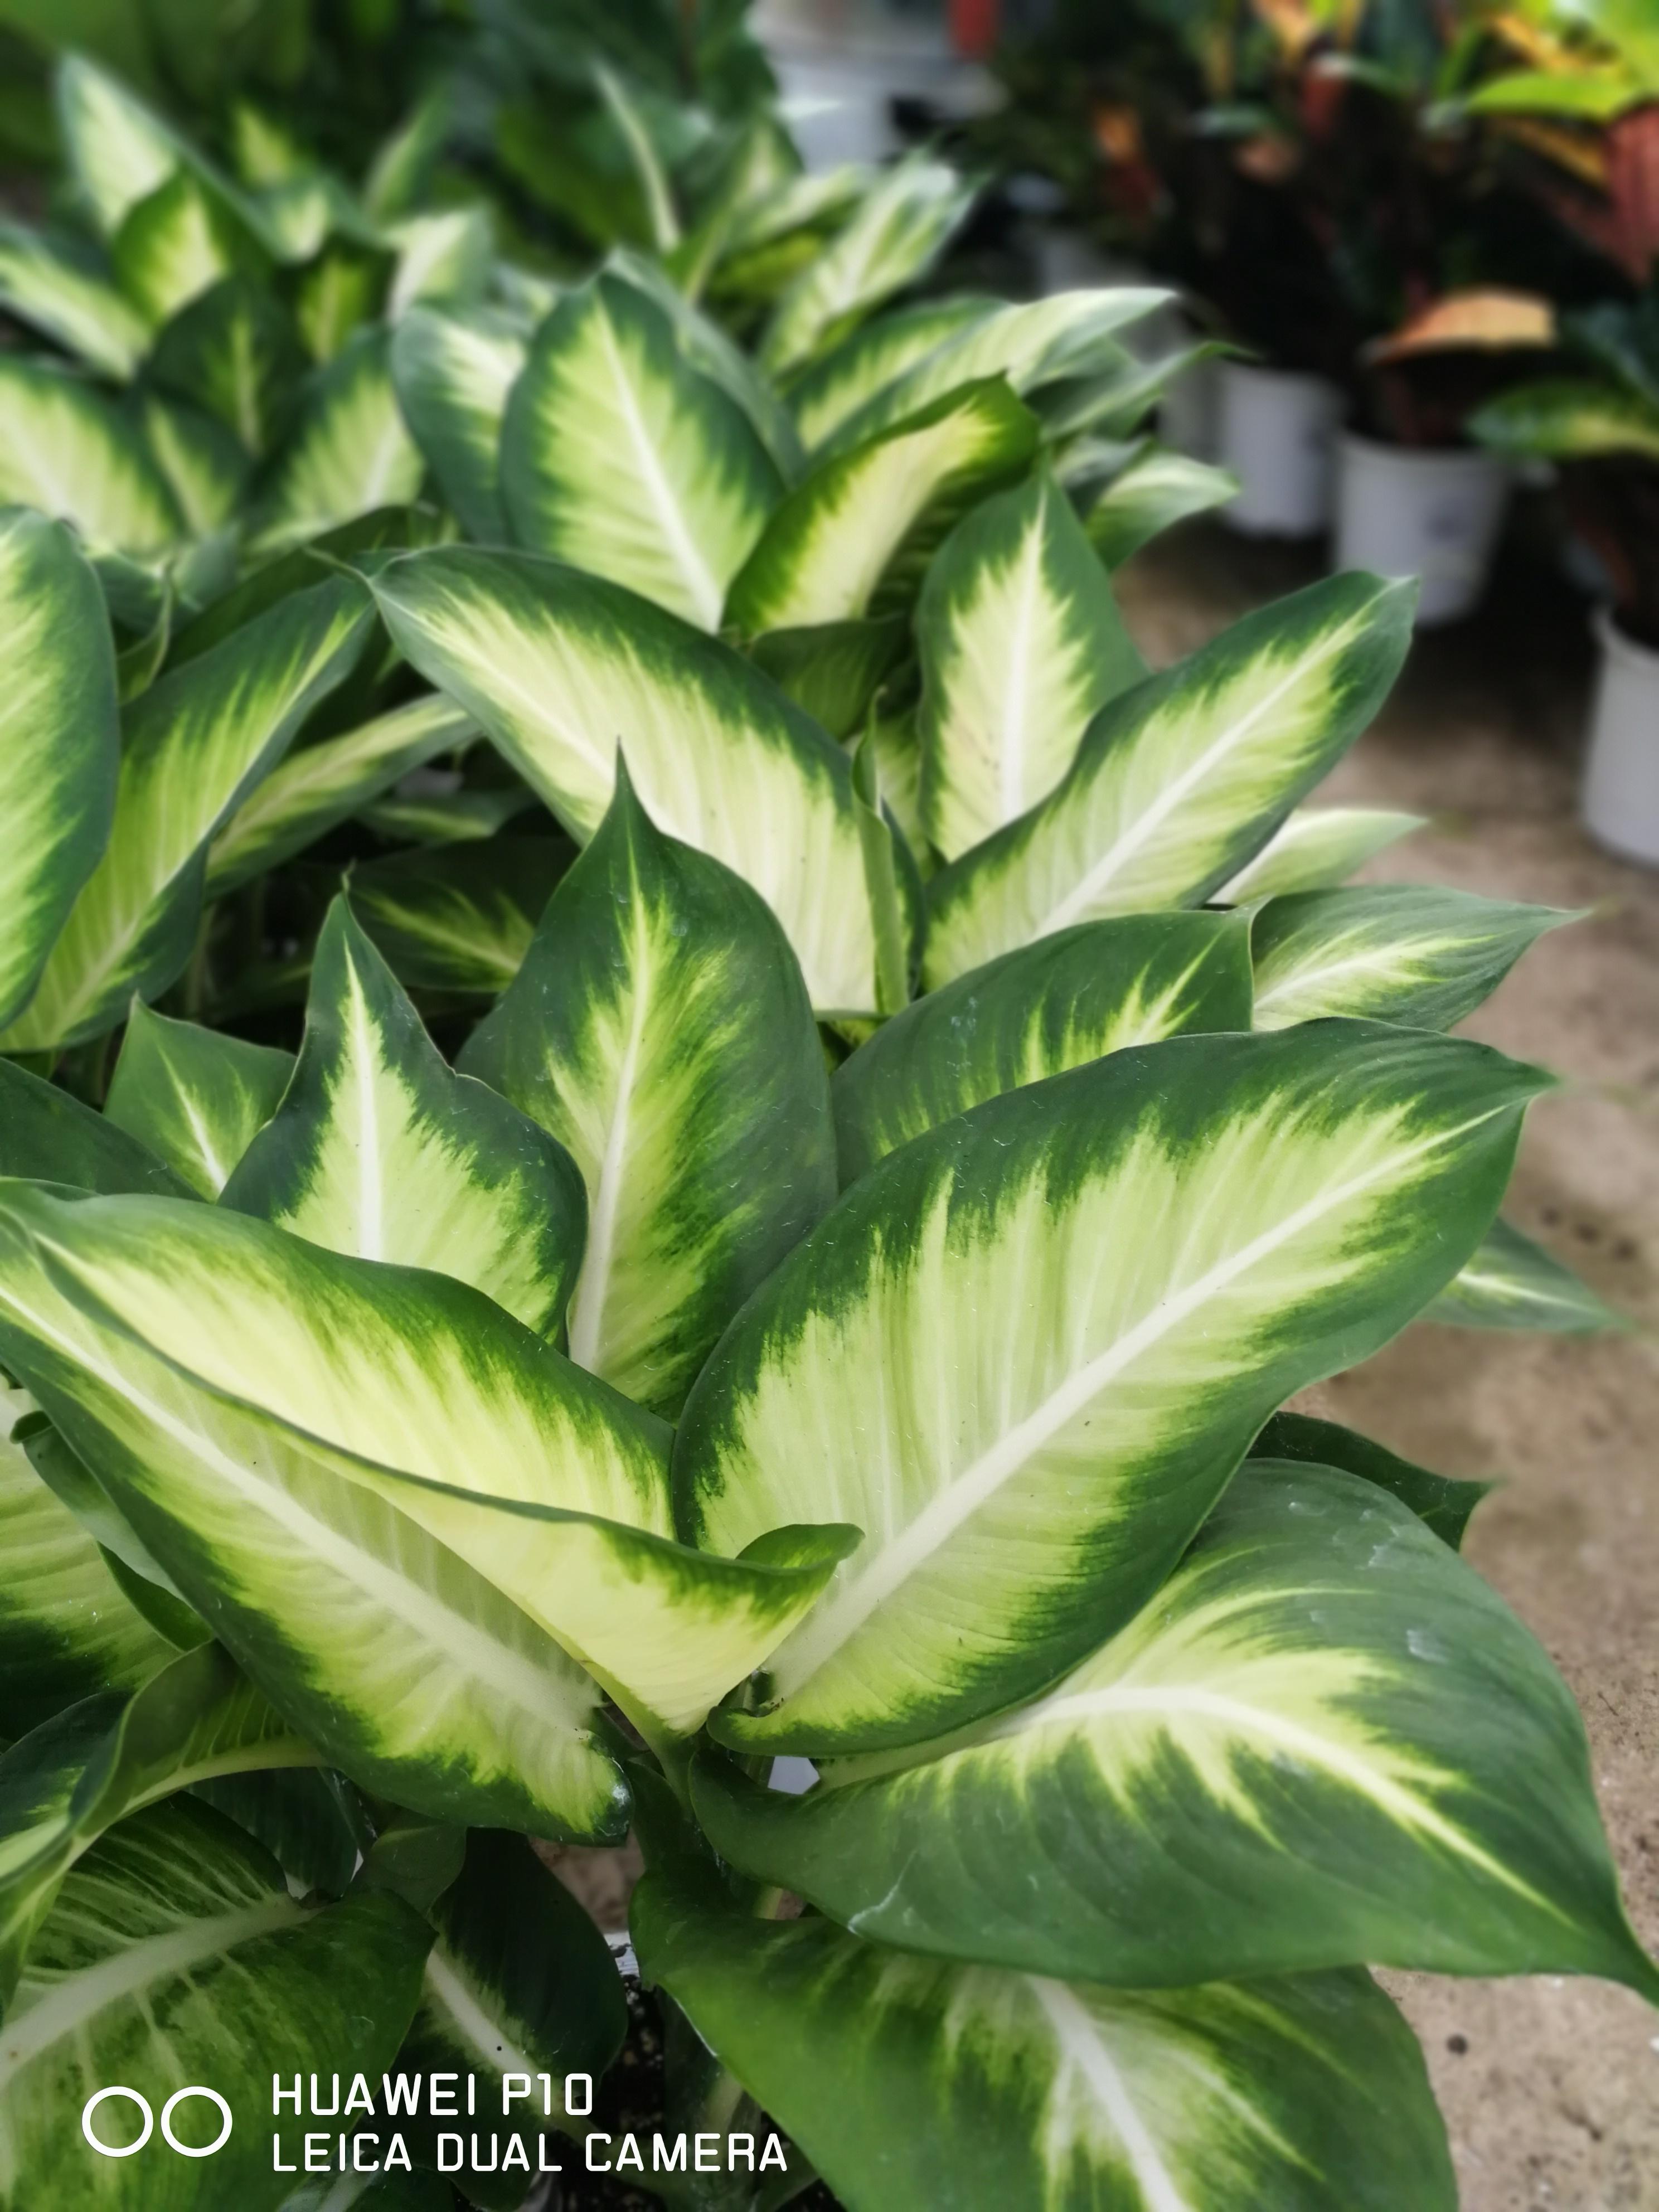 Η Ντιφενμπάχια, ανθεκτικό φυτό εσωτερικού χώρου Ντιφενμπάχια, μπορεί το όνομα της να μην είναι τόσο γνωστό, ωστόσο οι περισσότεροι κατά καιρούς την έχουμε θαυμάσει σε κάποιο σπίτι ή γραφείο. Με κεντρικό βλαστό που μοιάζει με καλάμι και φτάνει σε ύψος και το ένα μέτρο, η Ντιφενμπάχια .